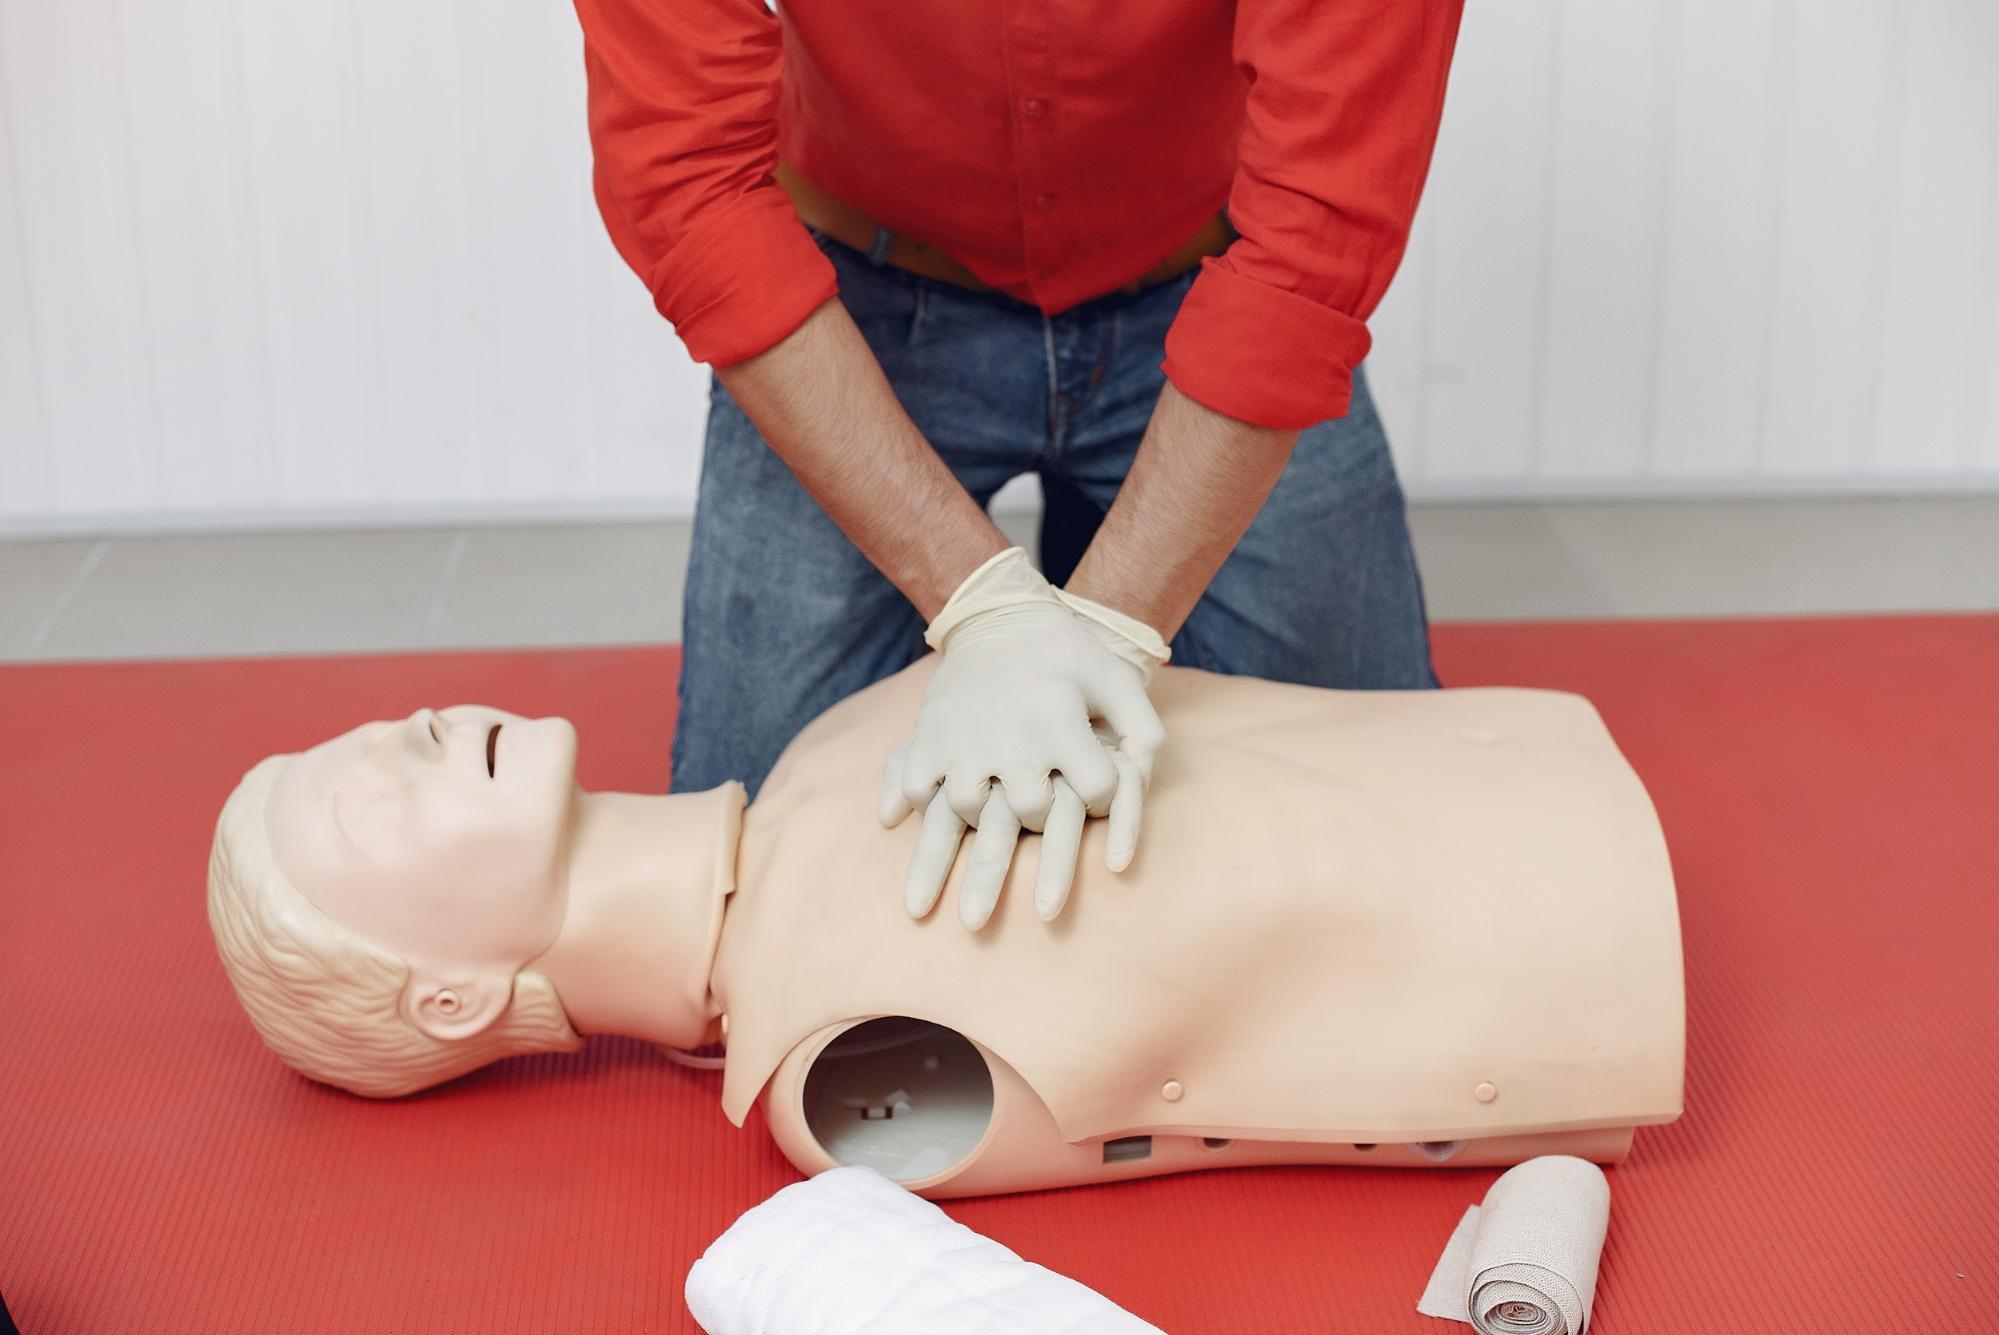 comment faire un massage cardiaque